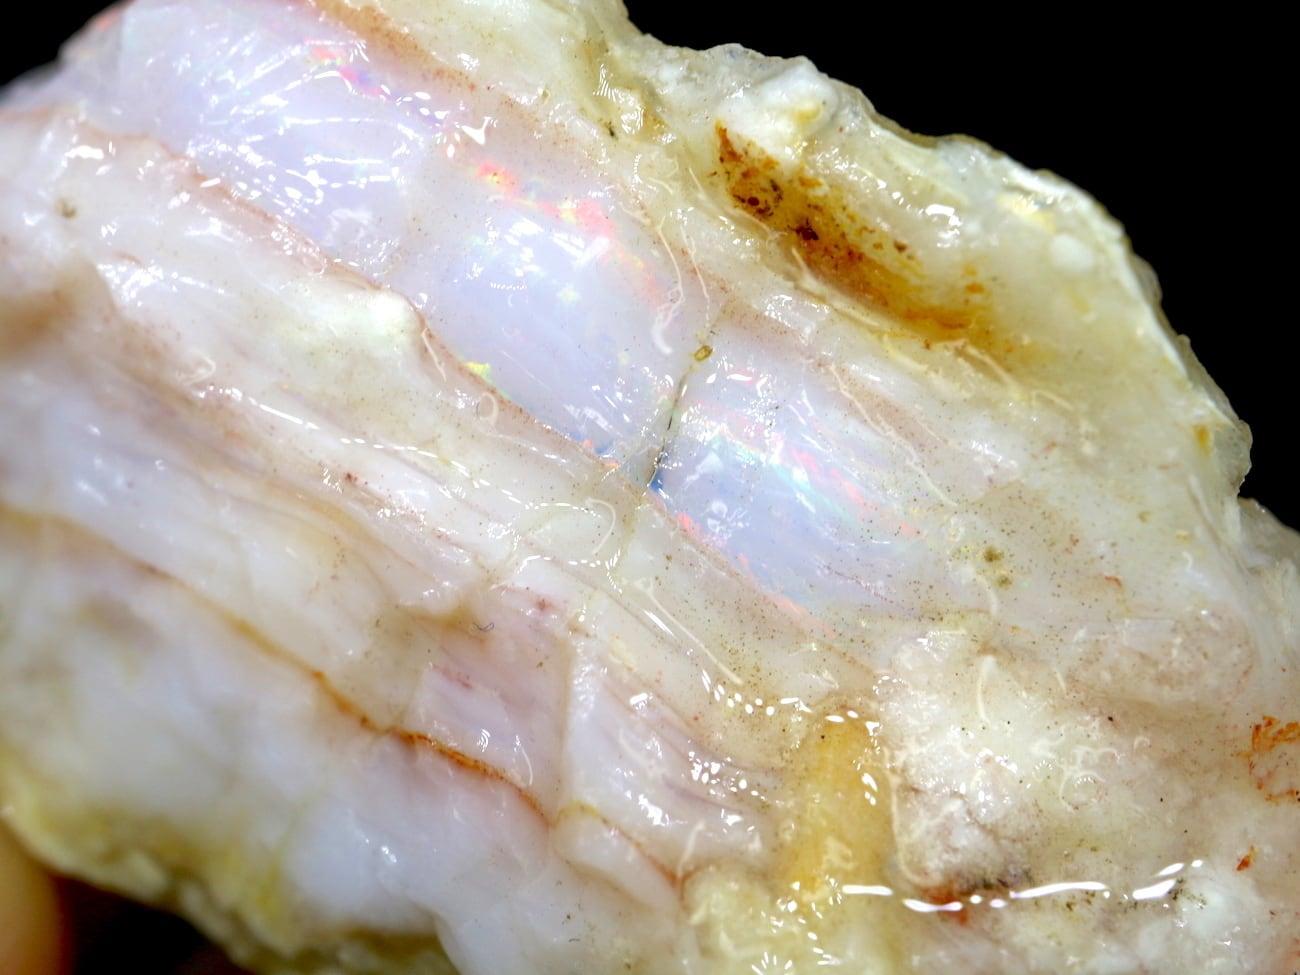 ※SALE※スペンサーオパール アイダホ産 27,2g SCO042 原石 鉱物 天然石 パワーストーン